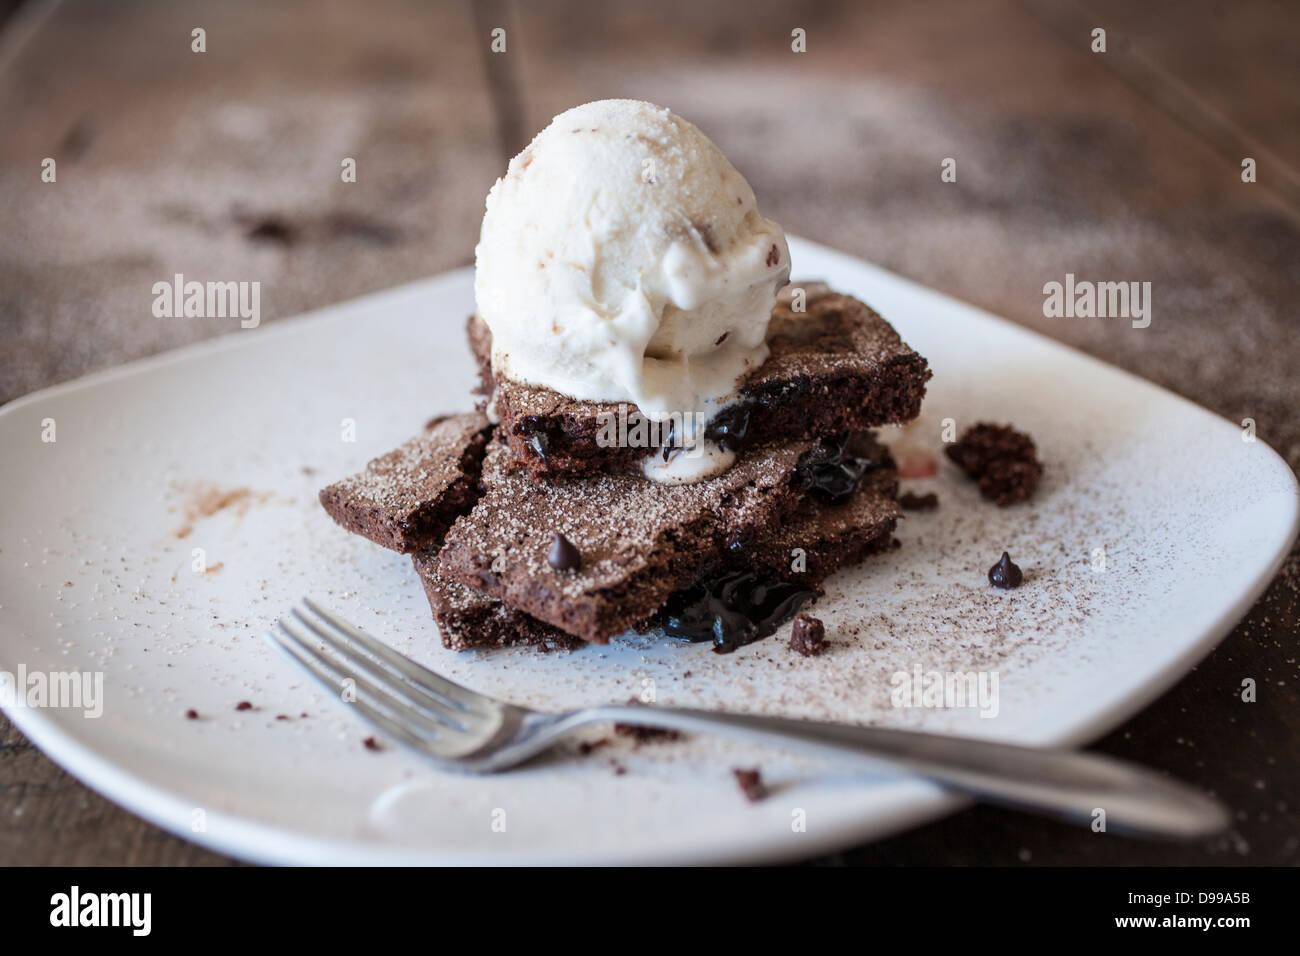 Fudge brownie ala modalità' con ciliegie Immagini Stock